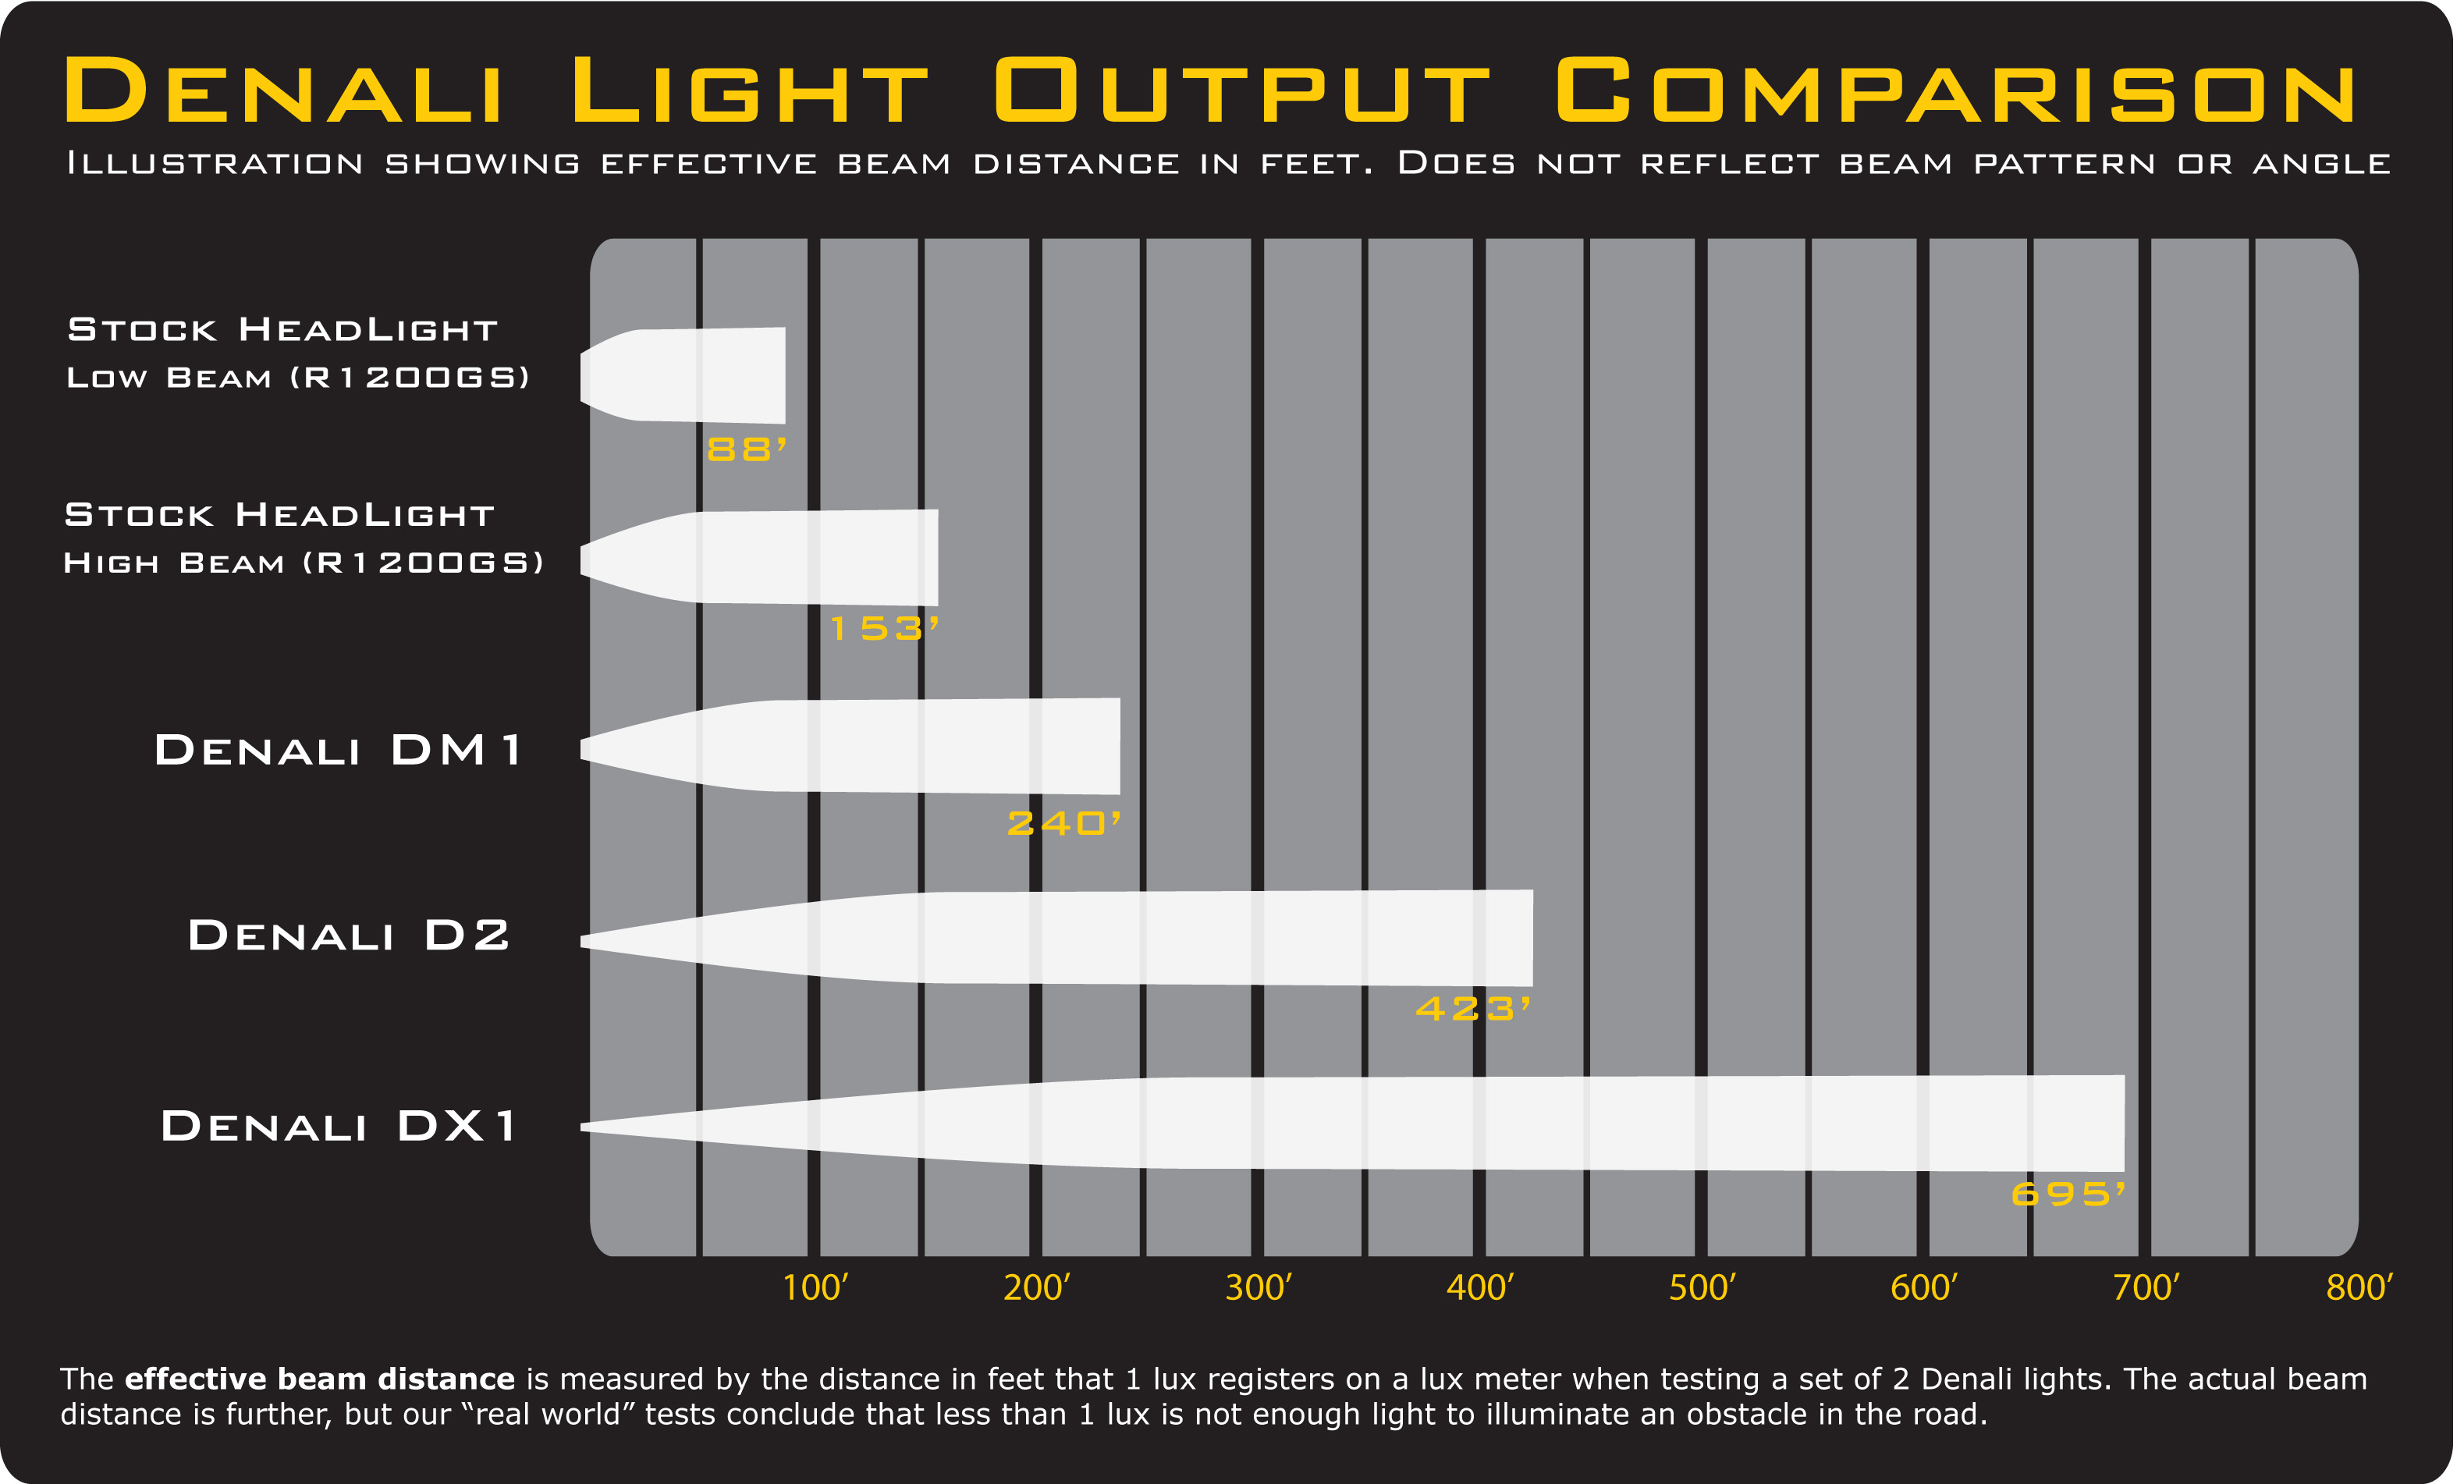 2bef6233-bac2-4faf-ab3b-c347f3c03056_Denali_Light_Output_Comparison.jpg